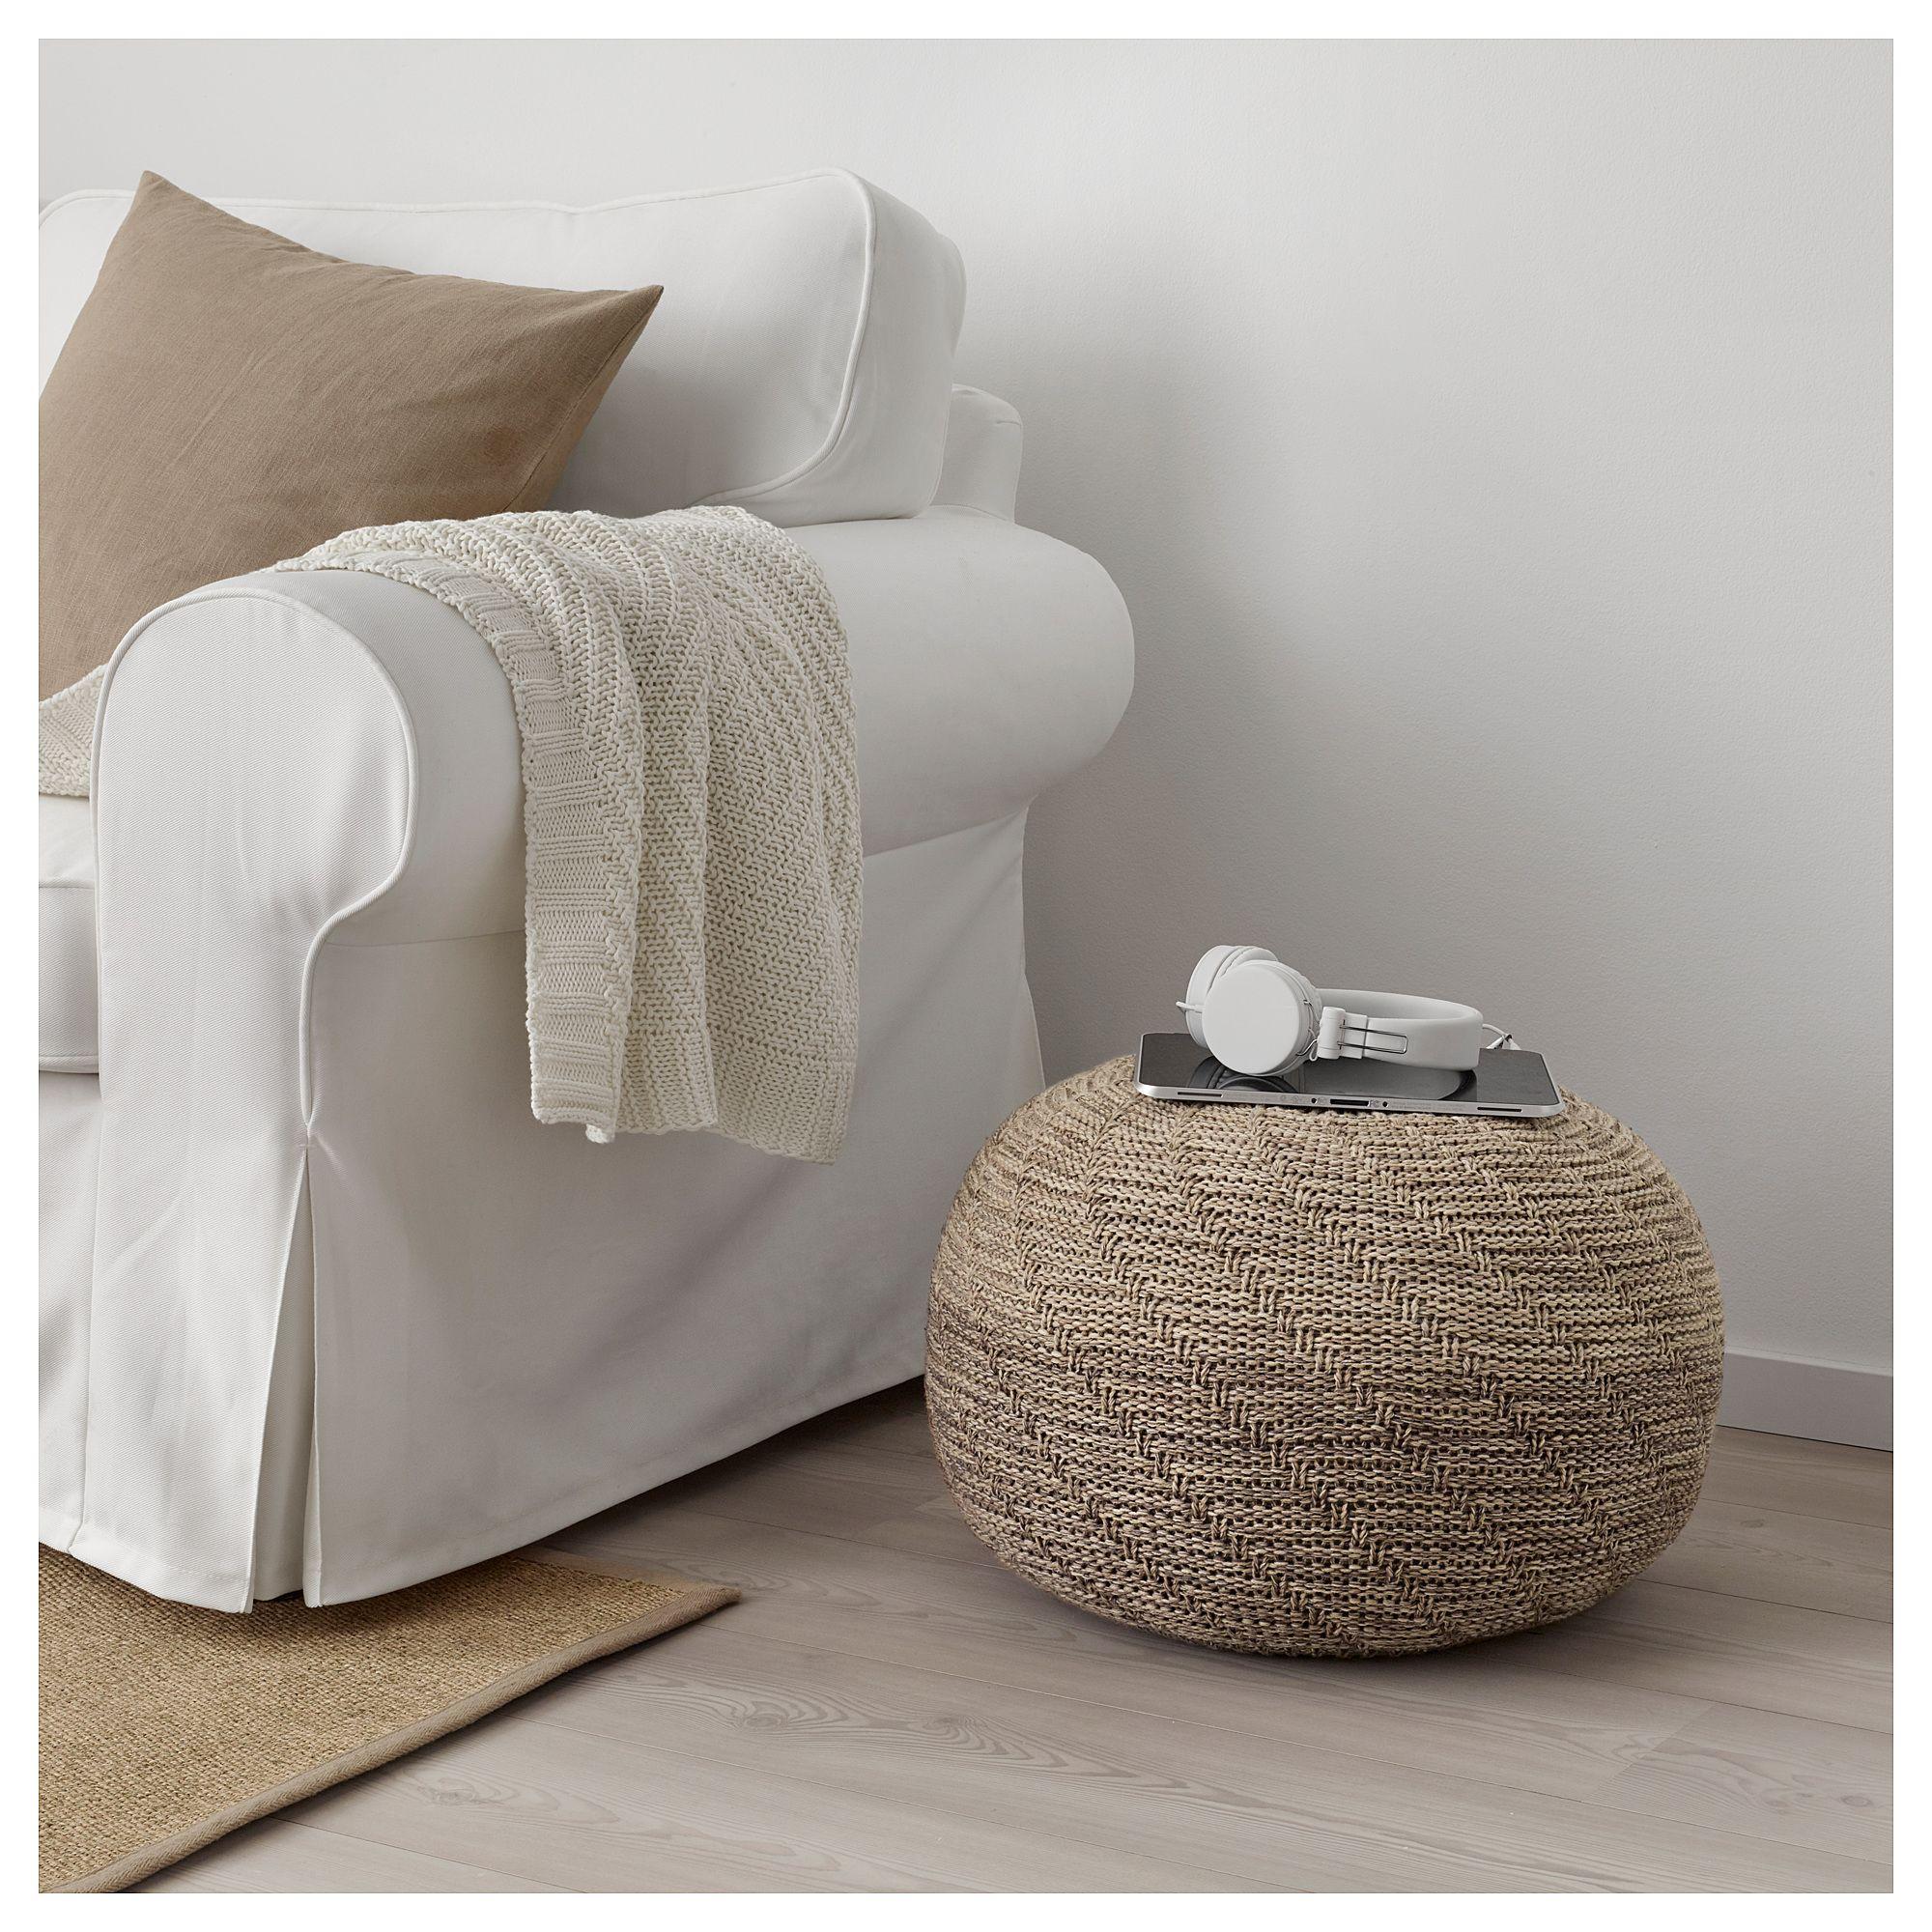 Sandared Pouffe Beige Ikea Fabric Ottoman Bean Bag Chair